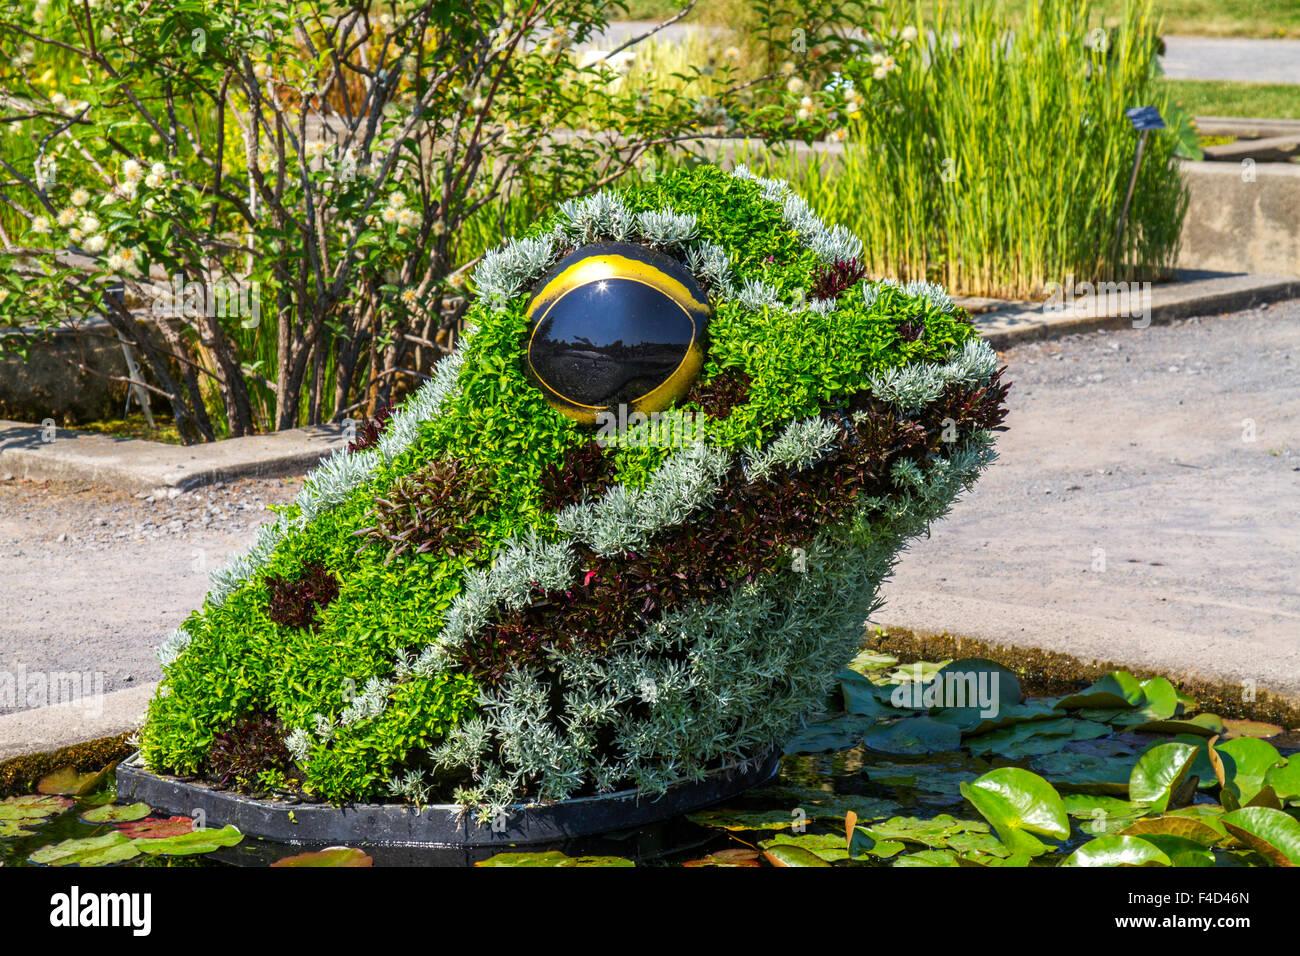 canada montreal jardin botanique botanical garden. Black Bedroom Furniture Sets. Home Design Ideas